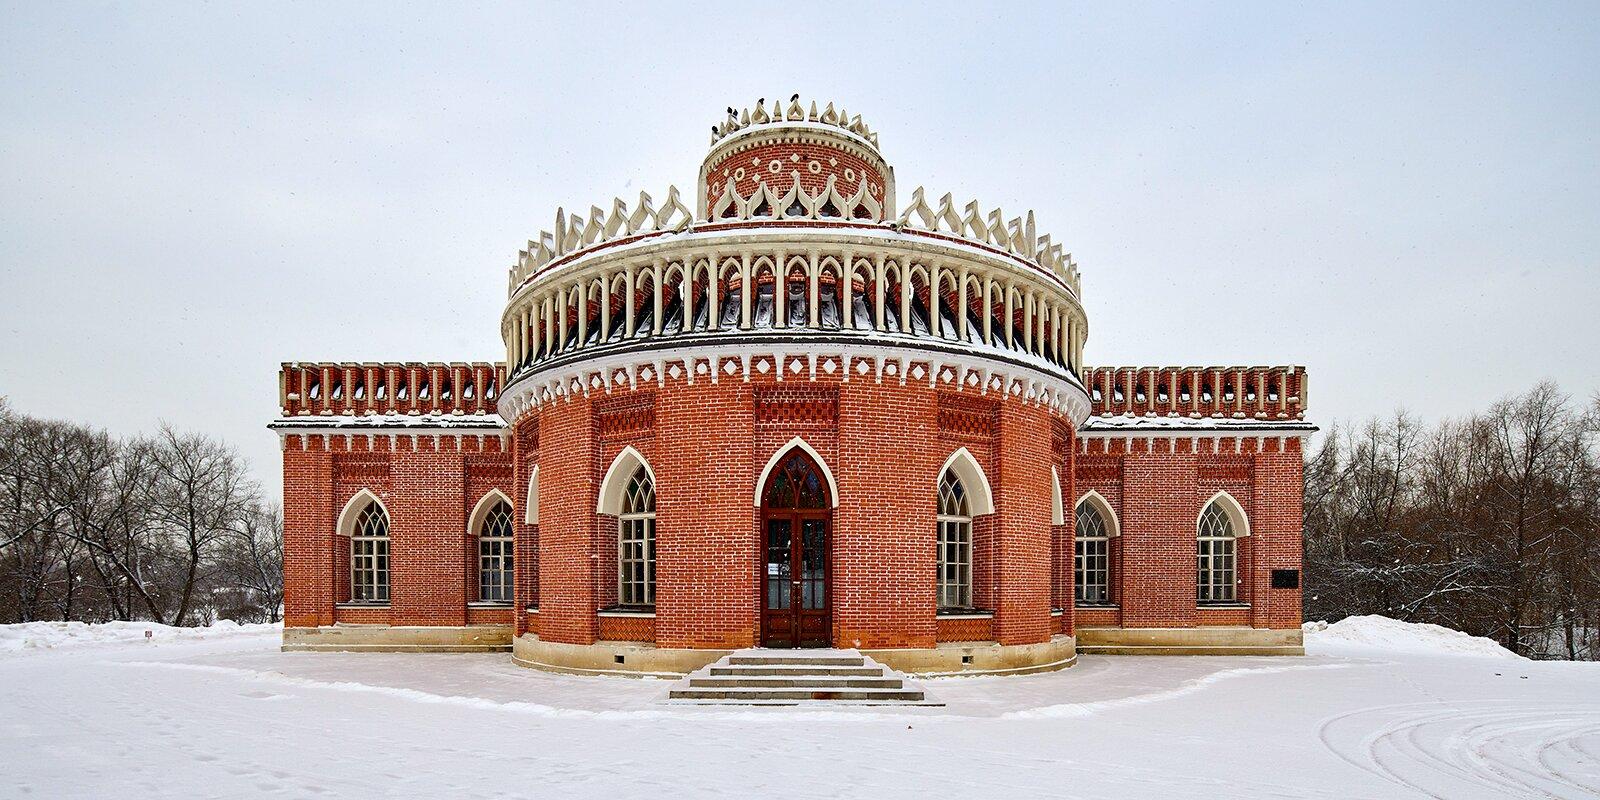 Сотрудники «Царицына» рассказали о «нежной готике» Кавалерского корпуса